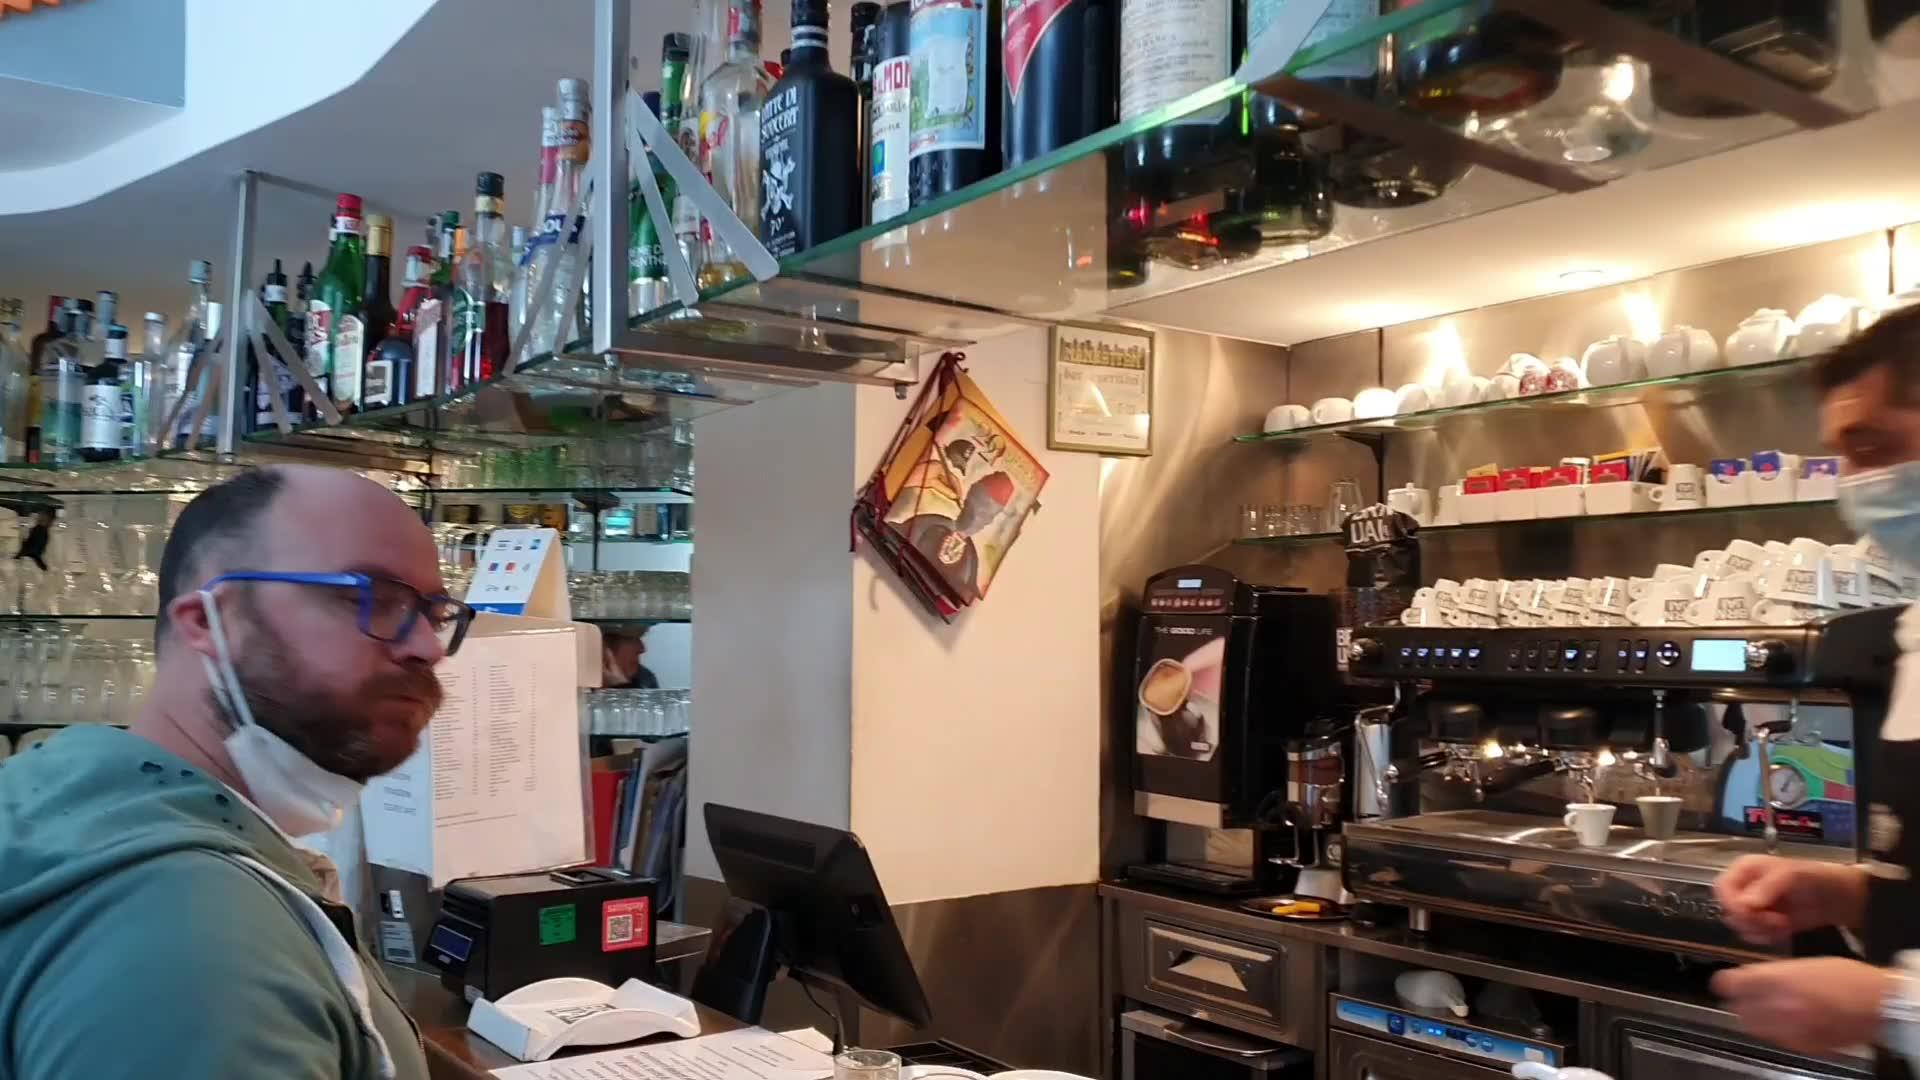 """Anche a Genova torna il rito del caffè al banco: """"Tutta un'altra cosa, ora si riparte davvero"""""""